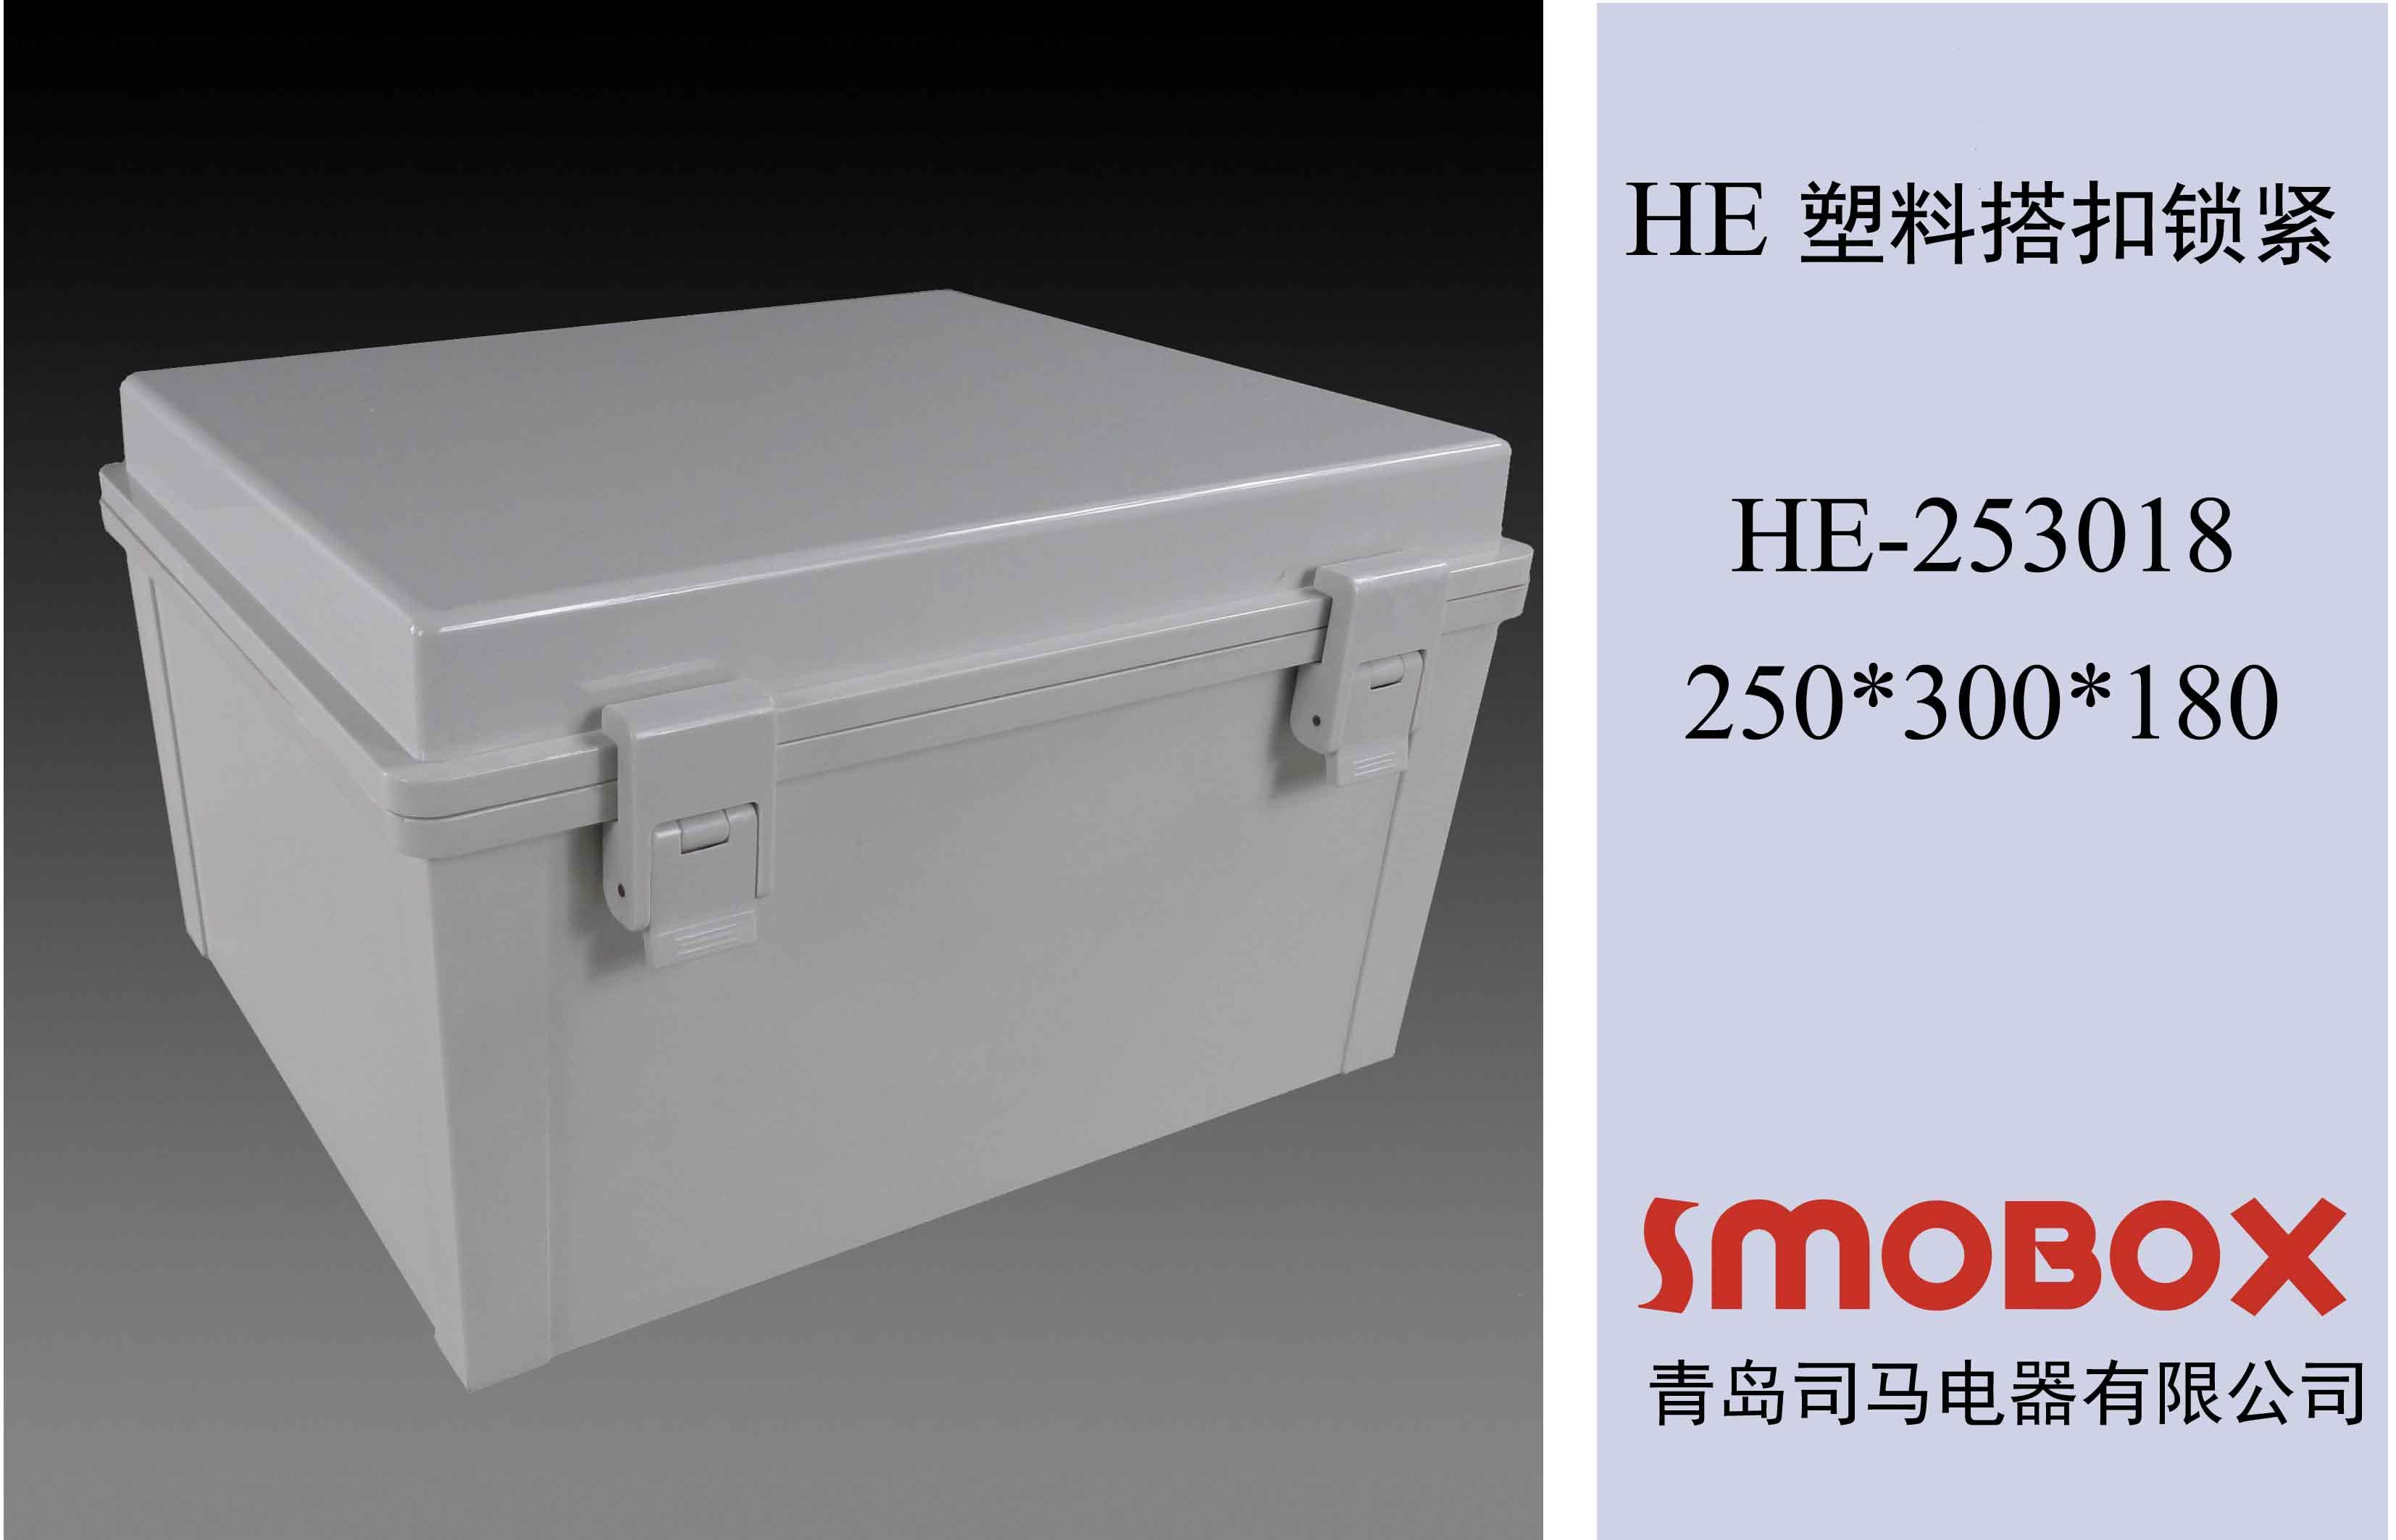 250*300*180透明盖塑料透明配电箱 中大型接线配电箱 控制箱 PC透明配电箱